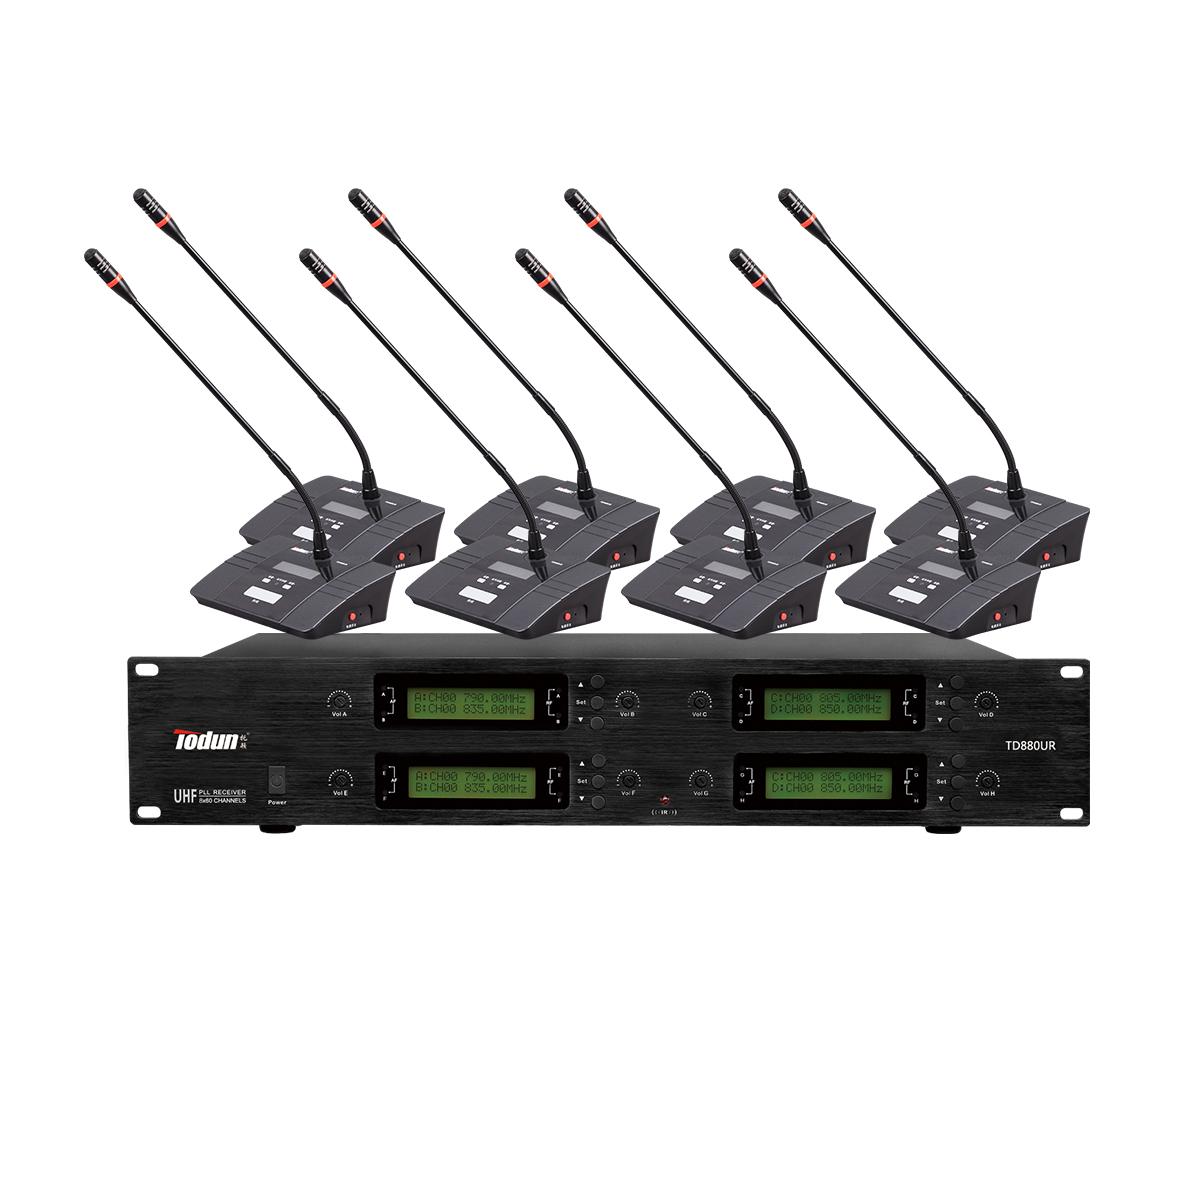 托顿TD880UR 无线鹅颈话筒 U段 一拖八无线会议系统